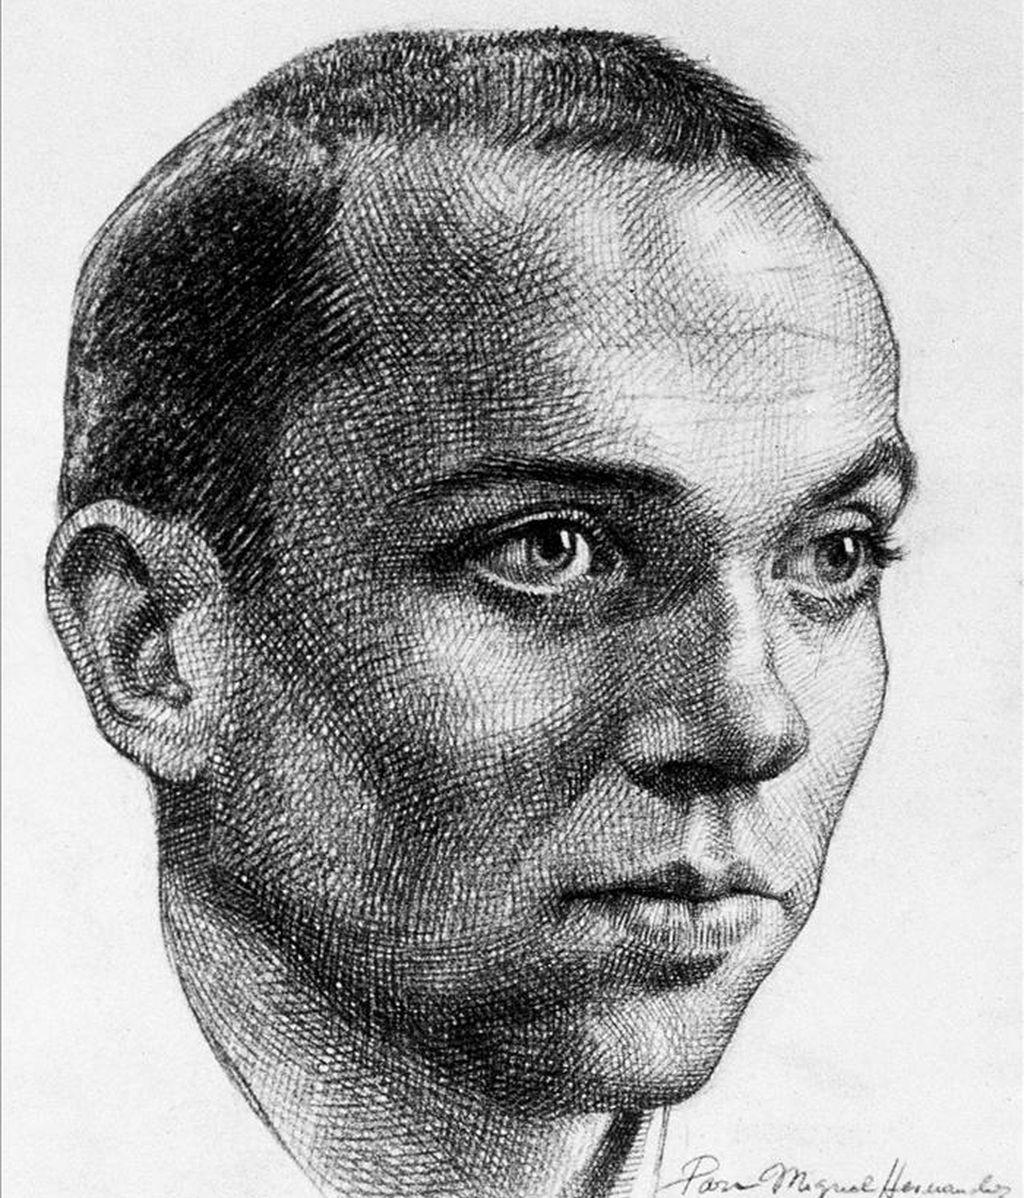 Retrato a lápiz de Miguel Hernández. EFE/Archivo